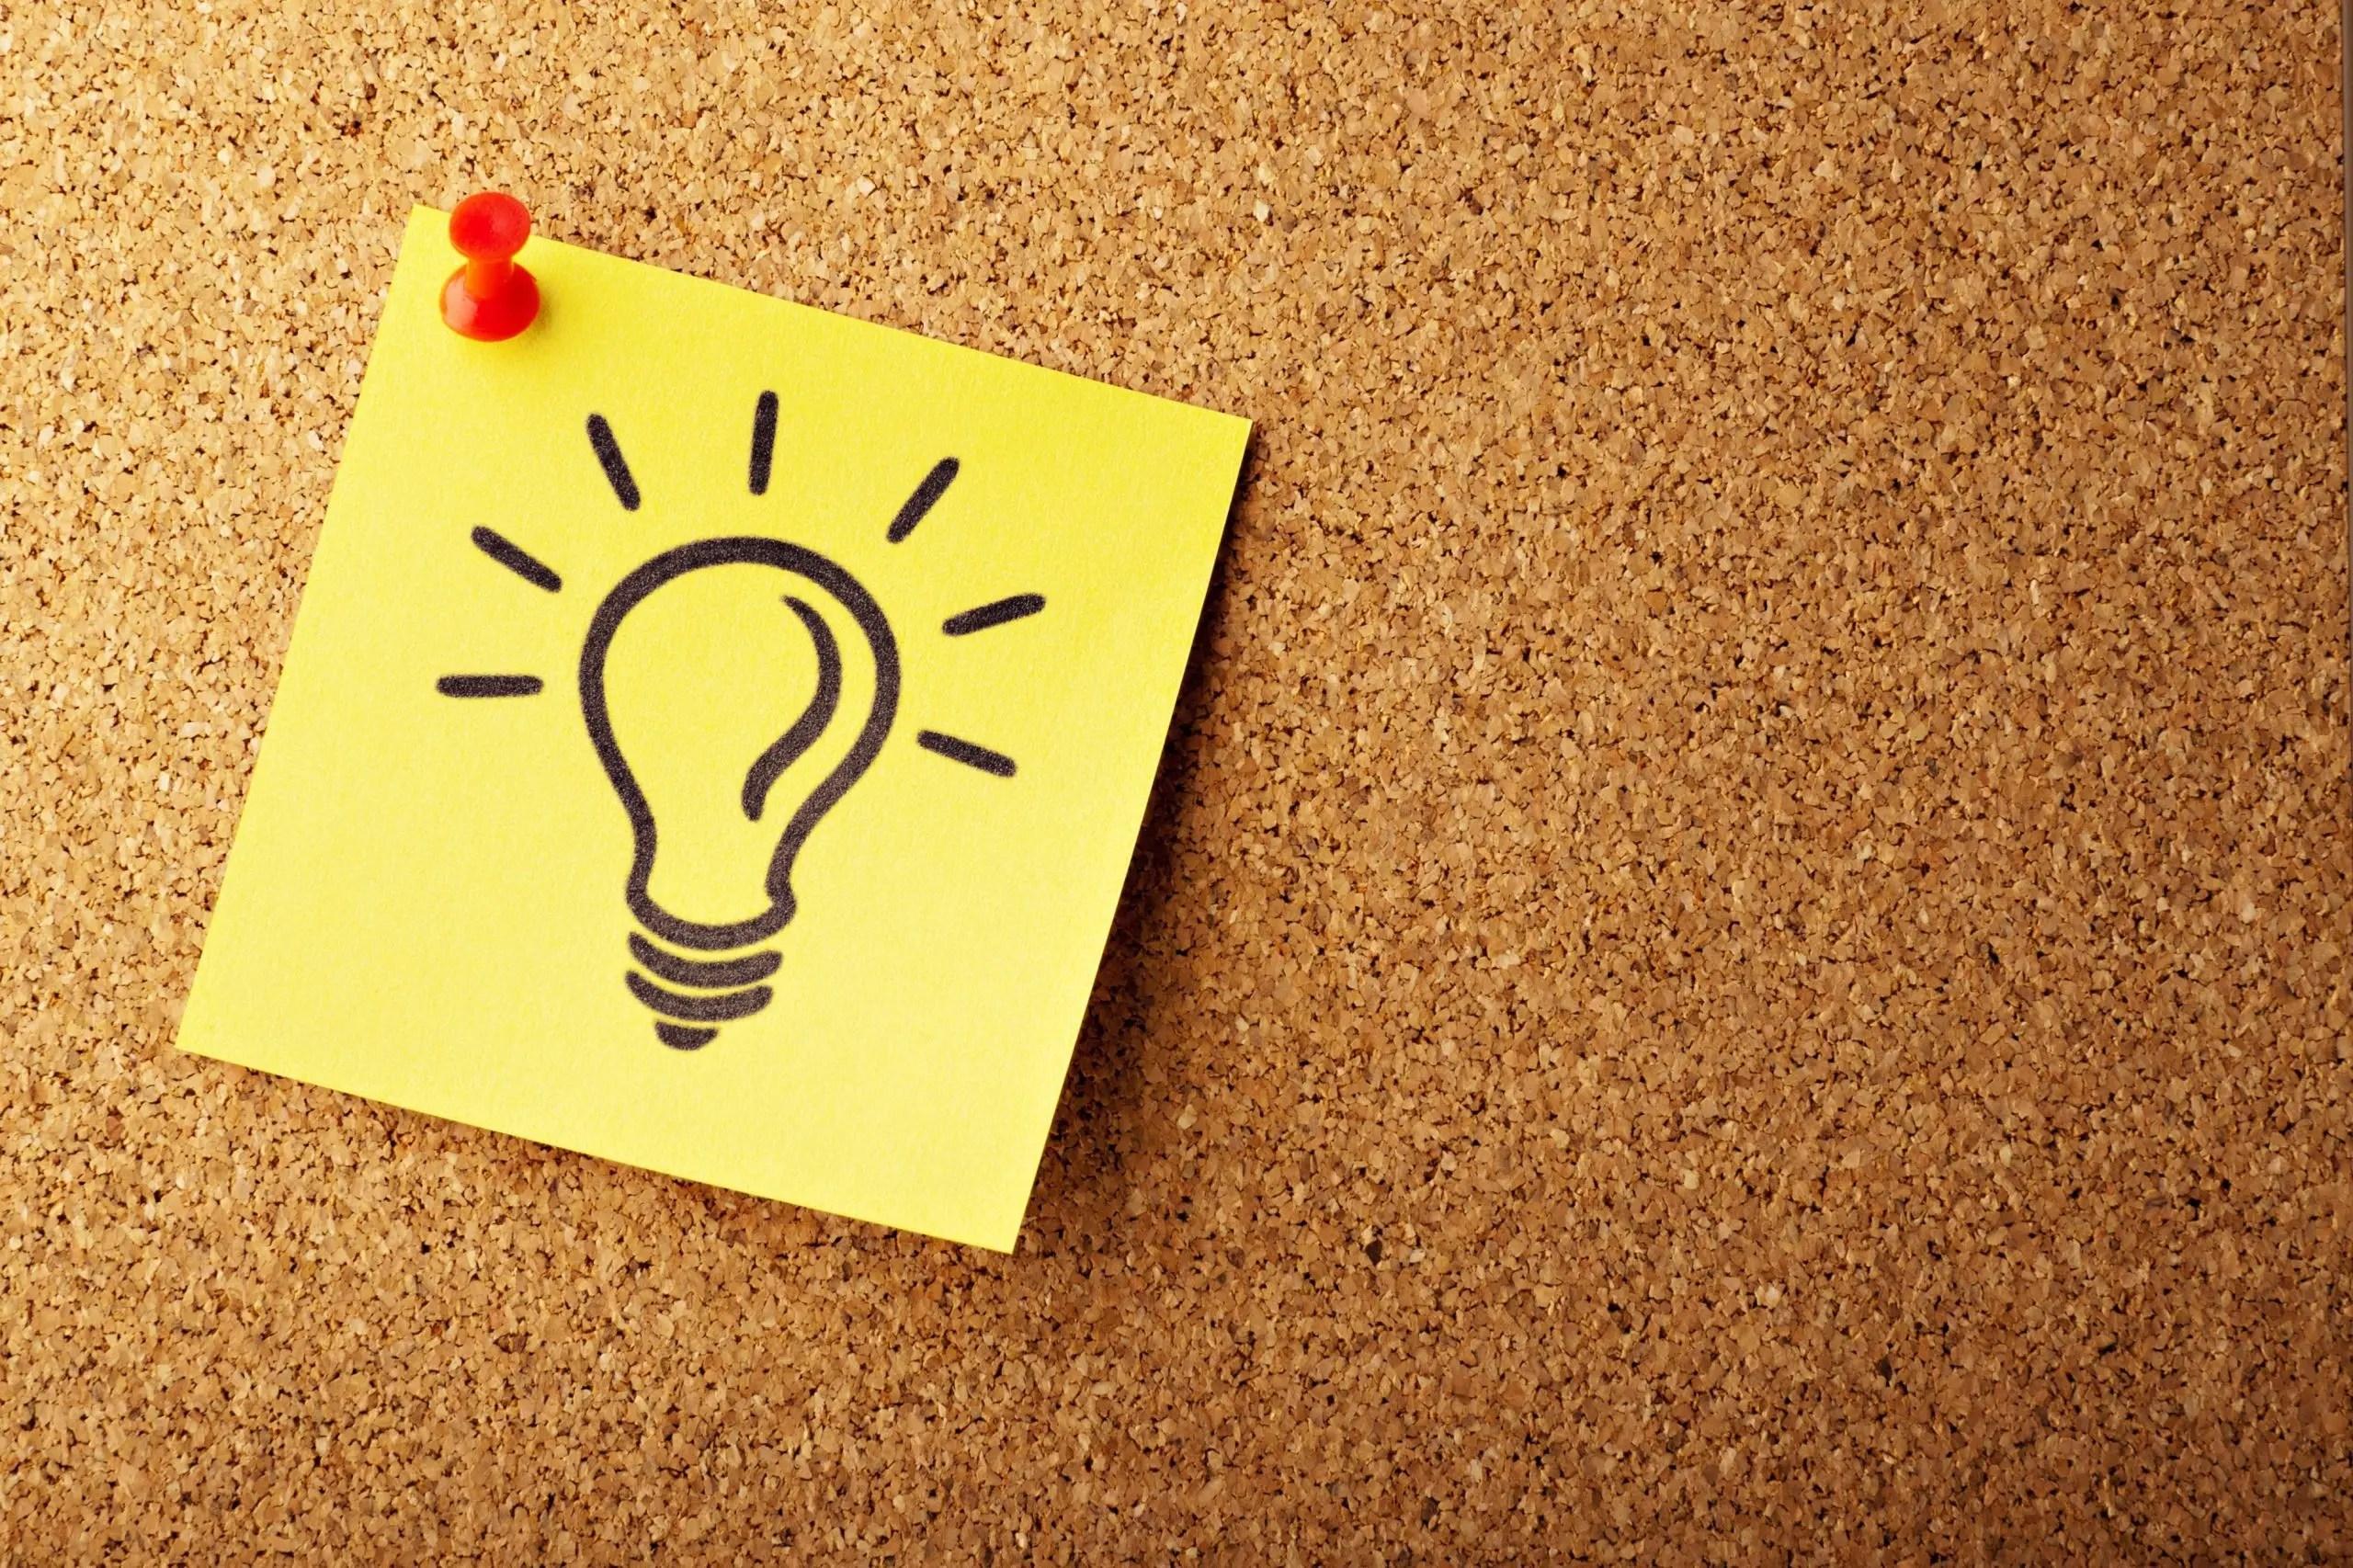 Drawing of a Lightbulb on a Sticky Note - symbolizing innovation